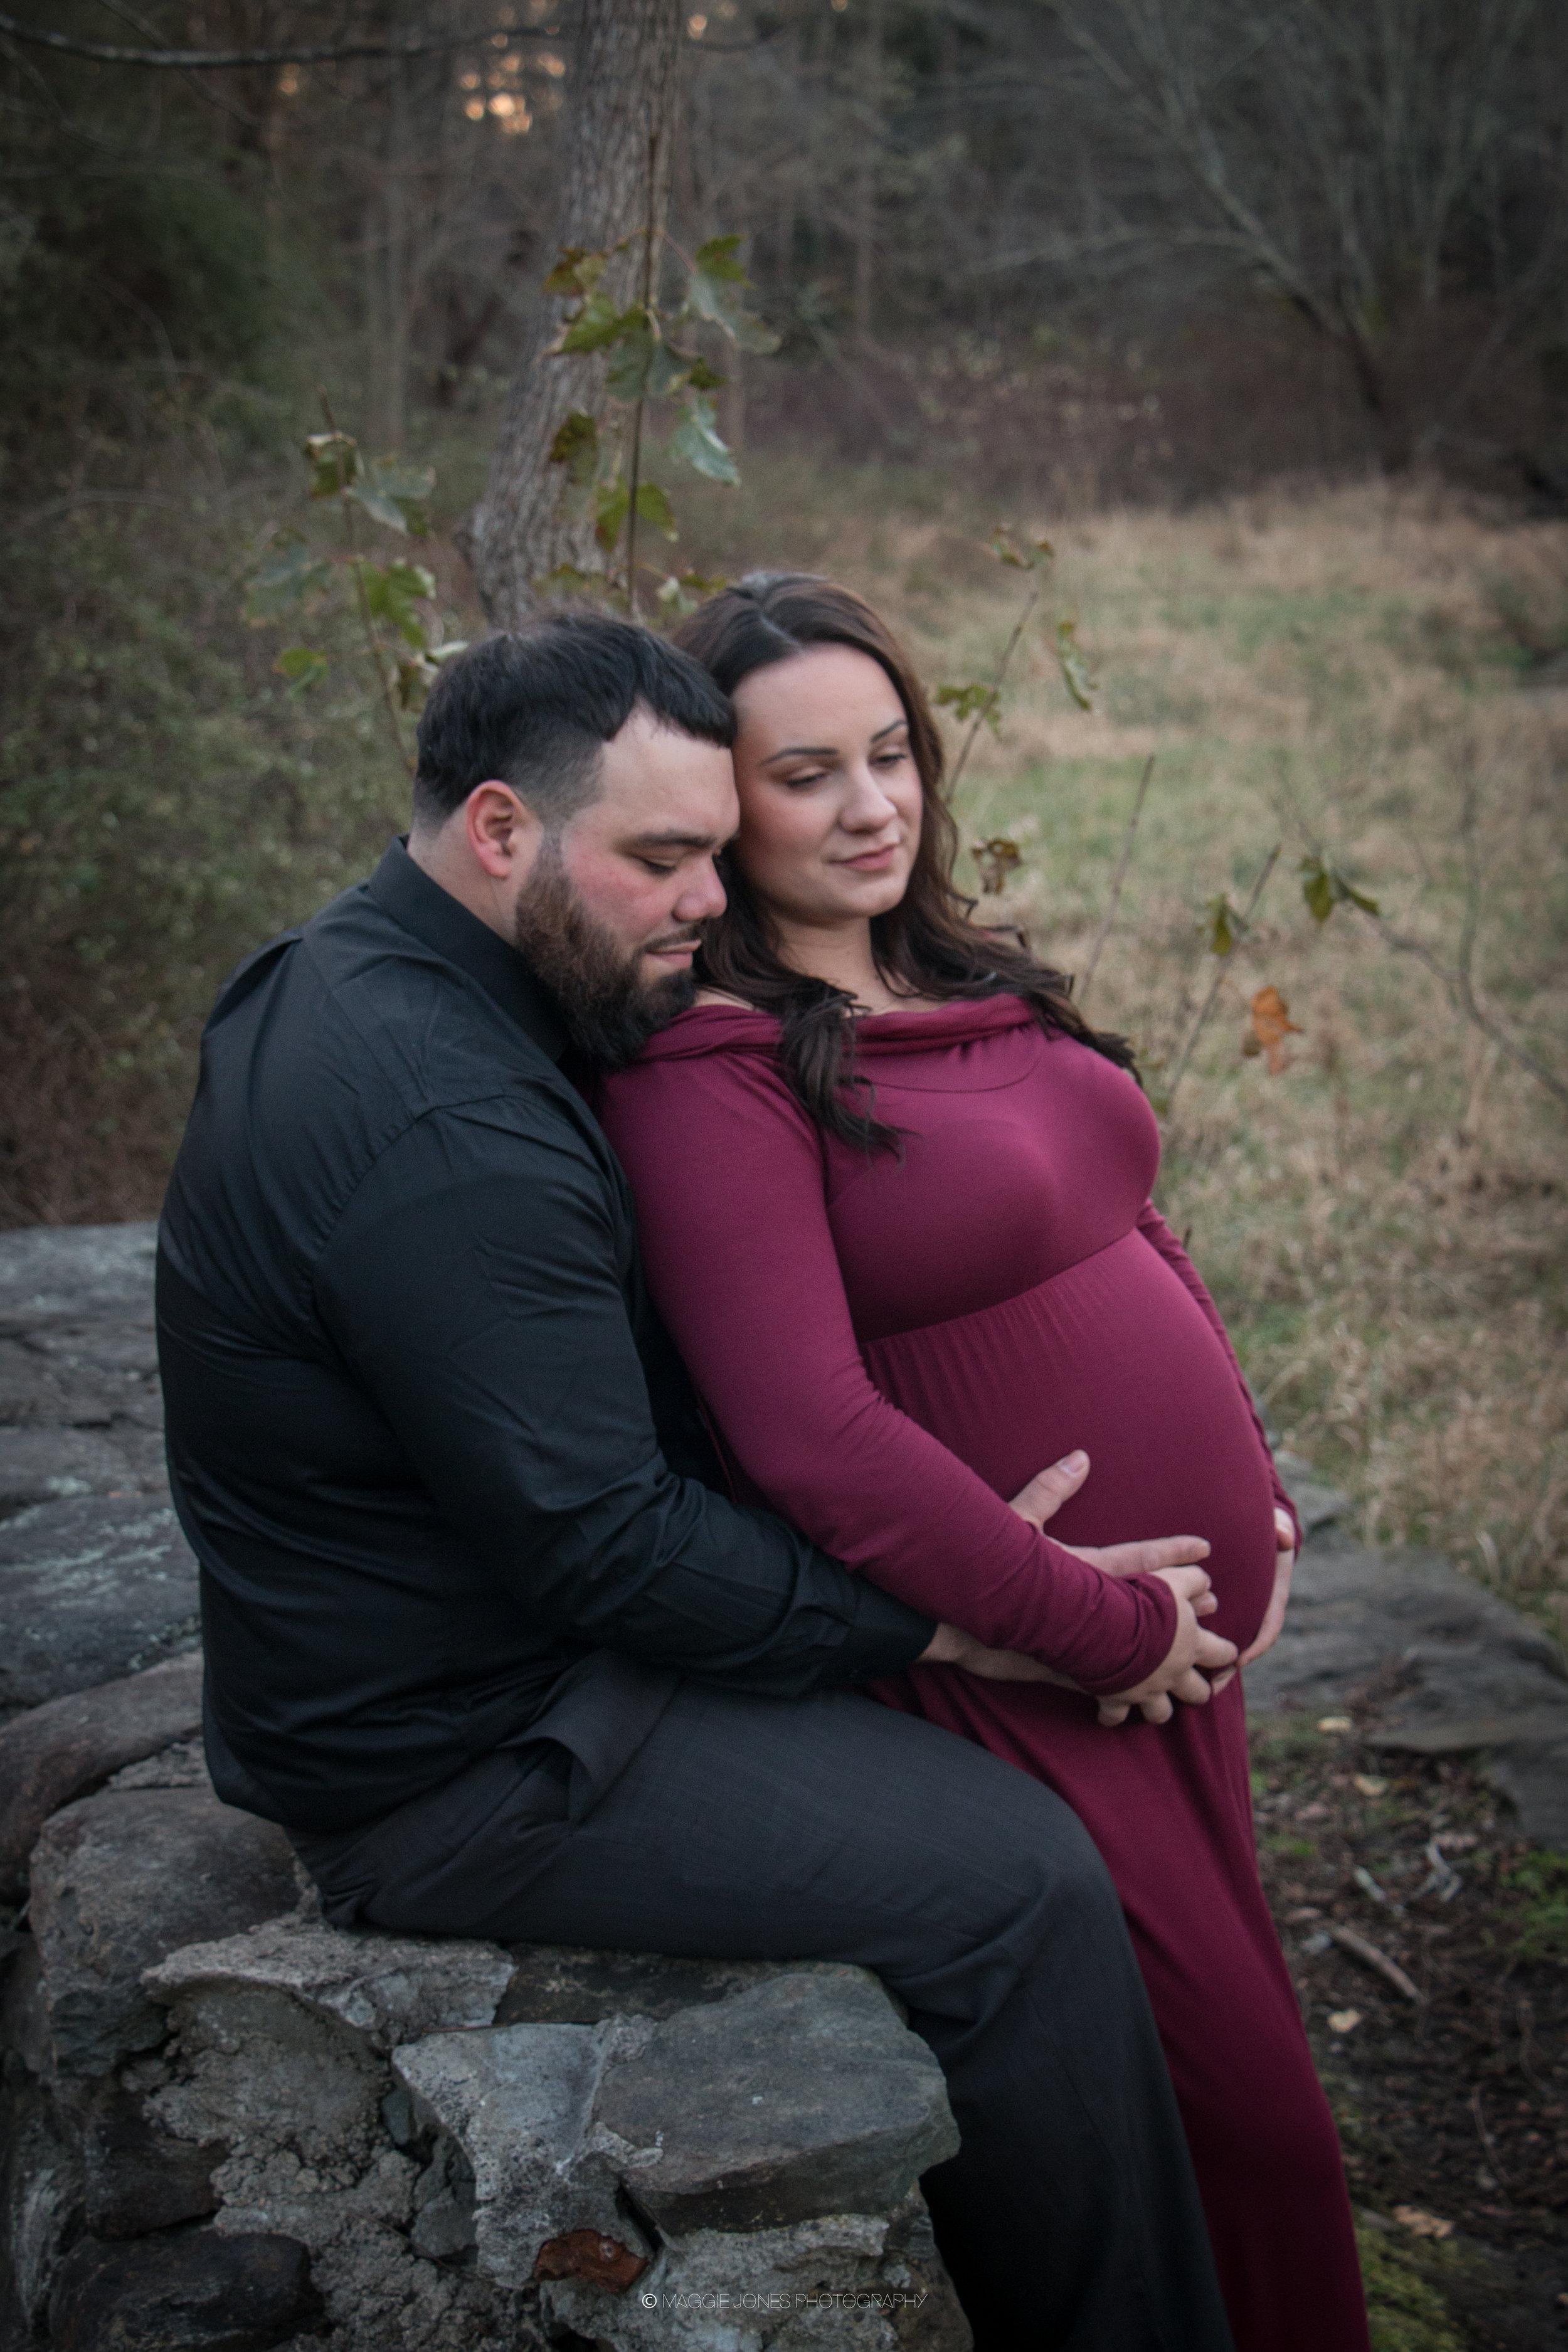 britt+ray_maternity-2.jpg